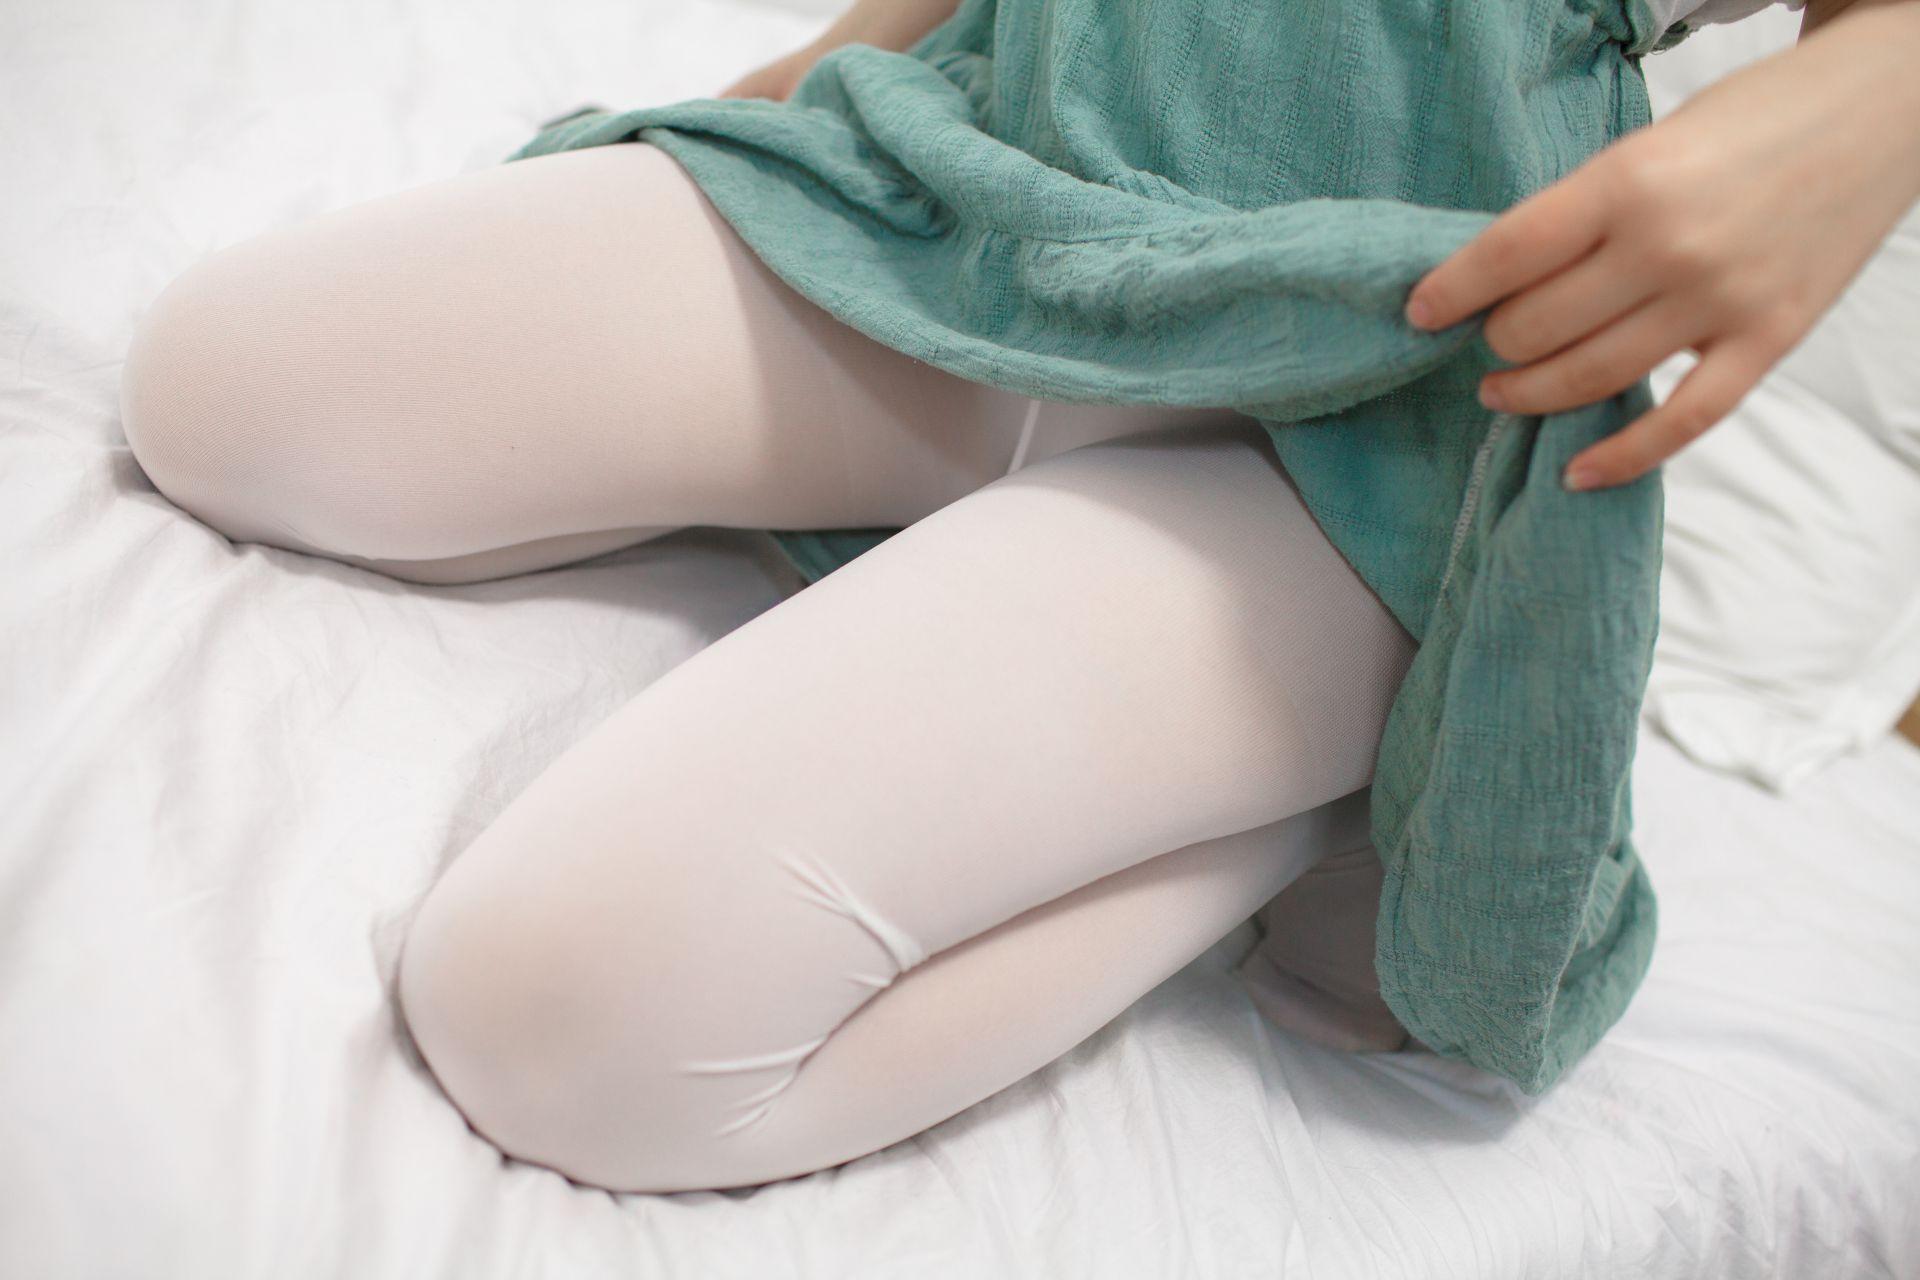 少女秩序 EXVOL.03 私房白丝美腿 兔玩映画 第61张